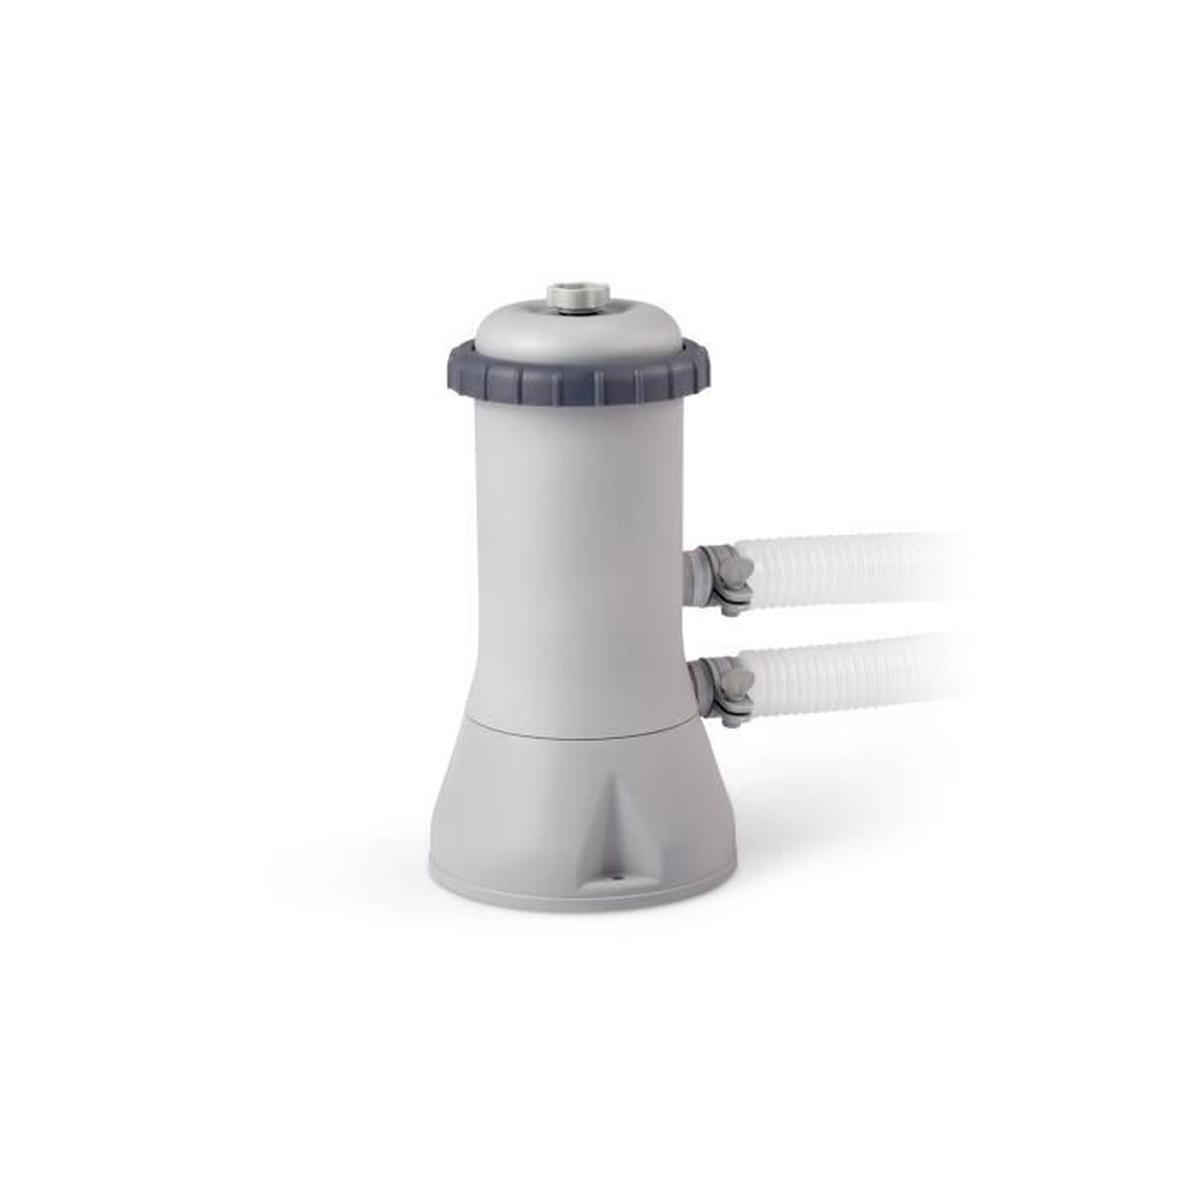 Intex Filtre Épurateur À Cartouche 3,8 M³/h - Pour Piscine ... tout Filtre A Cartouche Pour Piscine